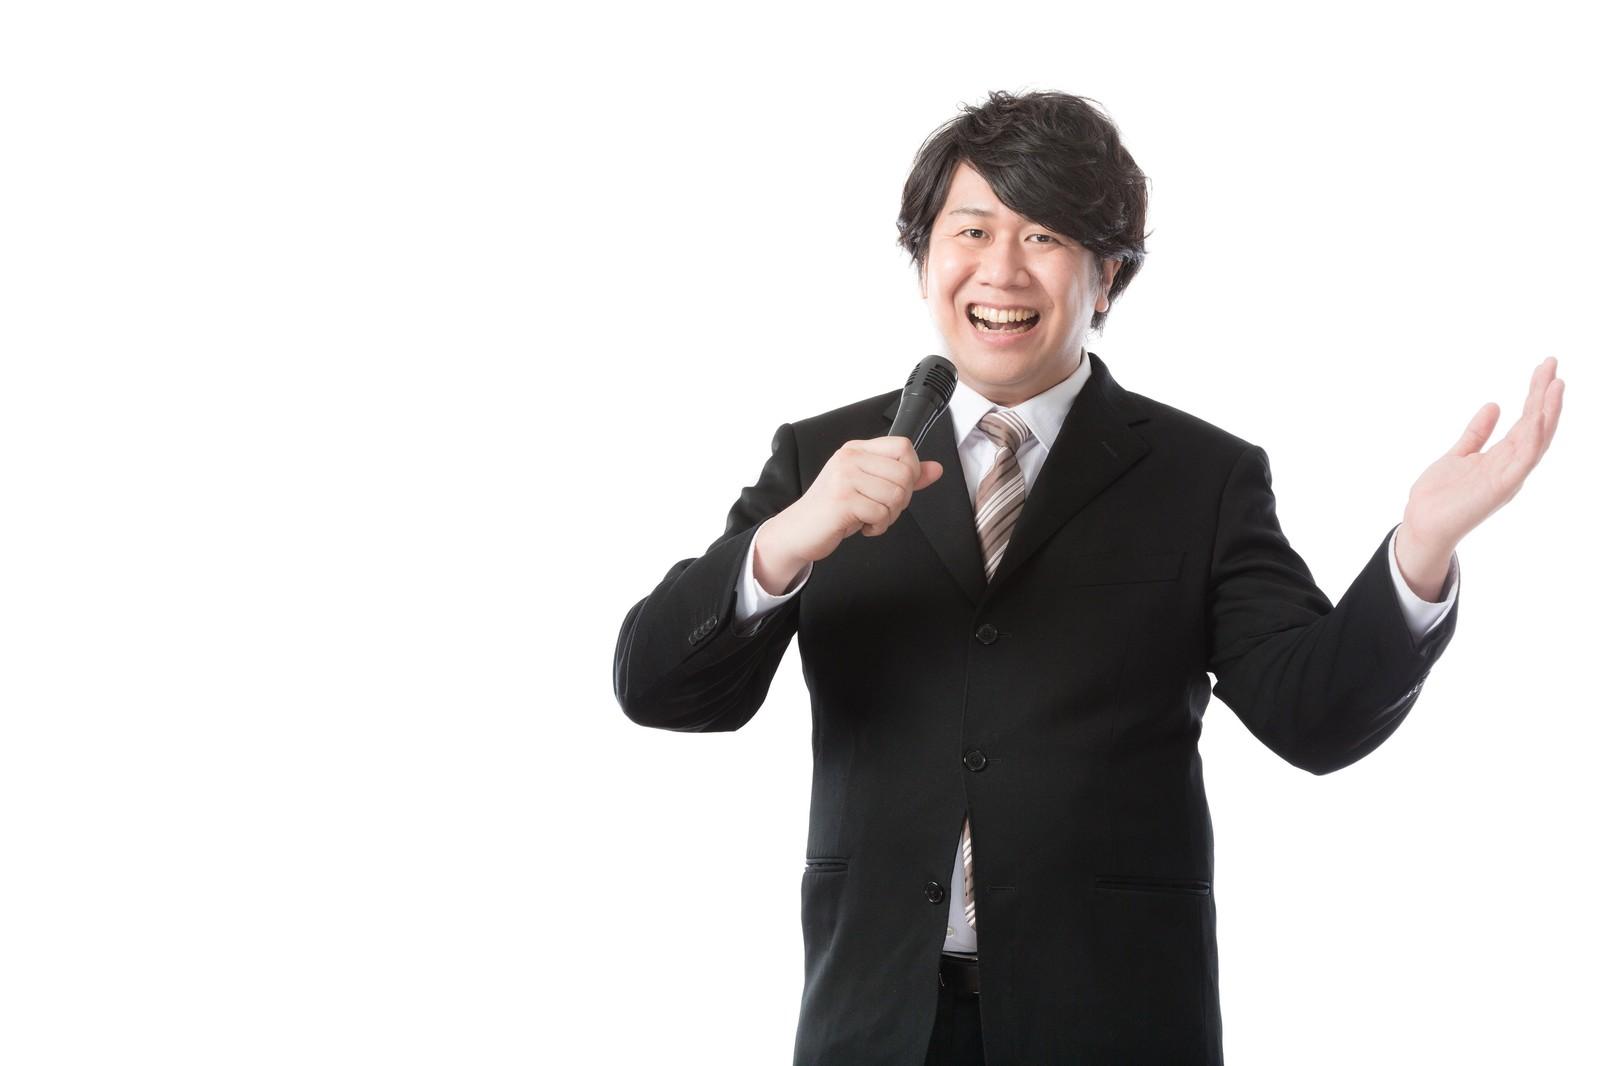 第 シリーズ あらすじ 八 金 先生 8